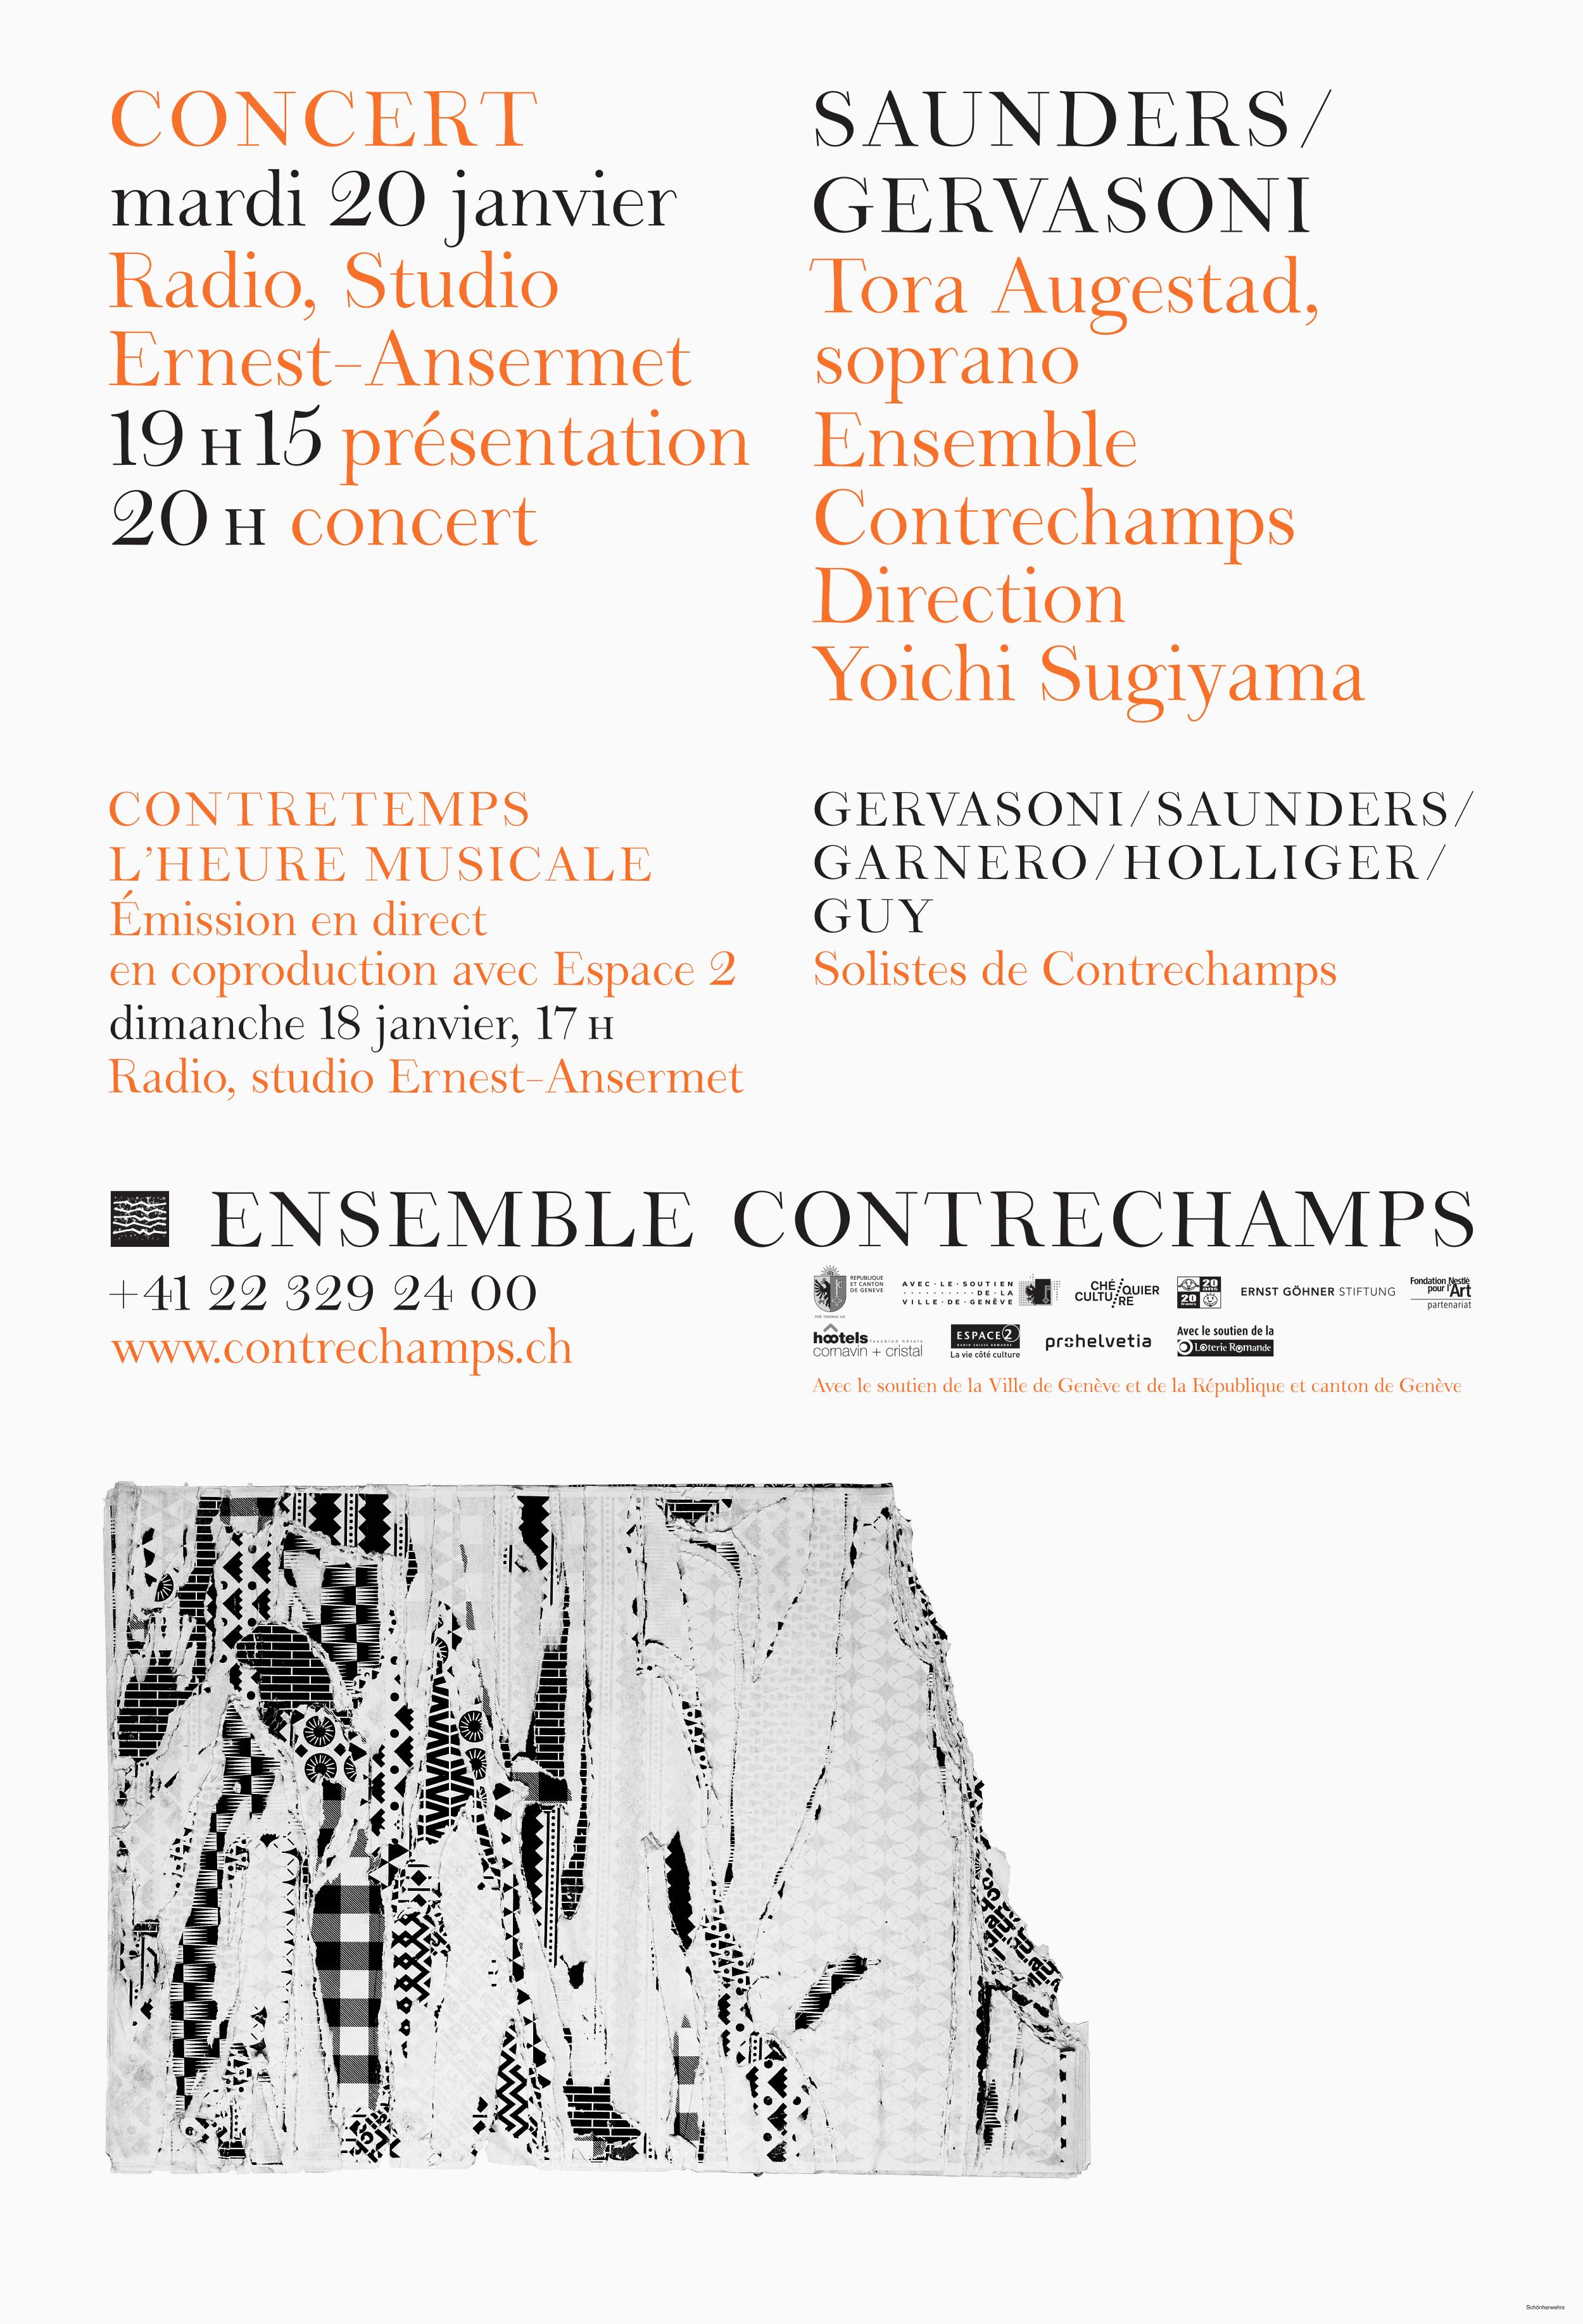 Affiche pour l'Ensemble Contrechamps avec l'identité visuelle que nous avons développée, dont la police de caractères (en collaboration avec Ann Griffin). En tant que Schönherwehrs.